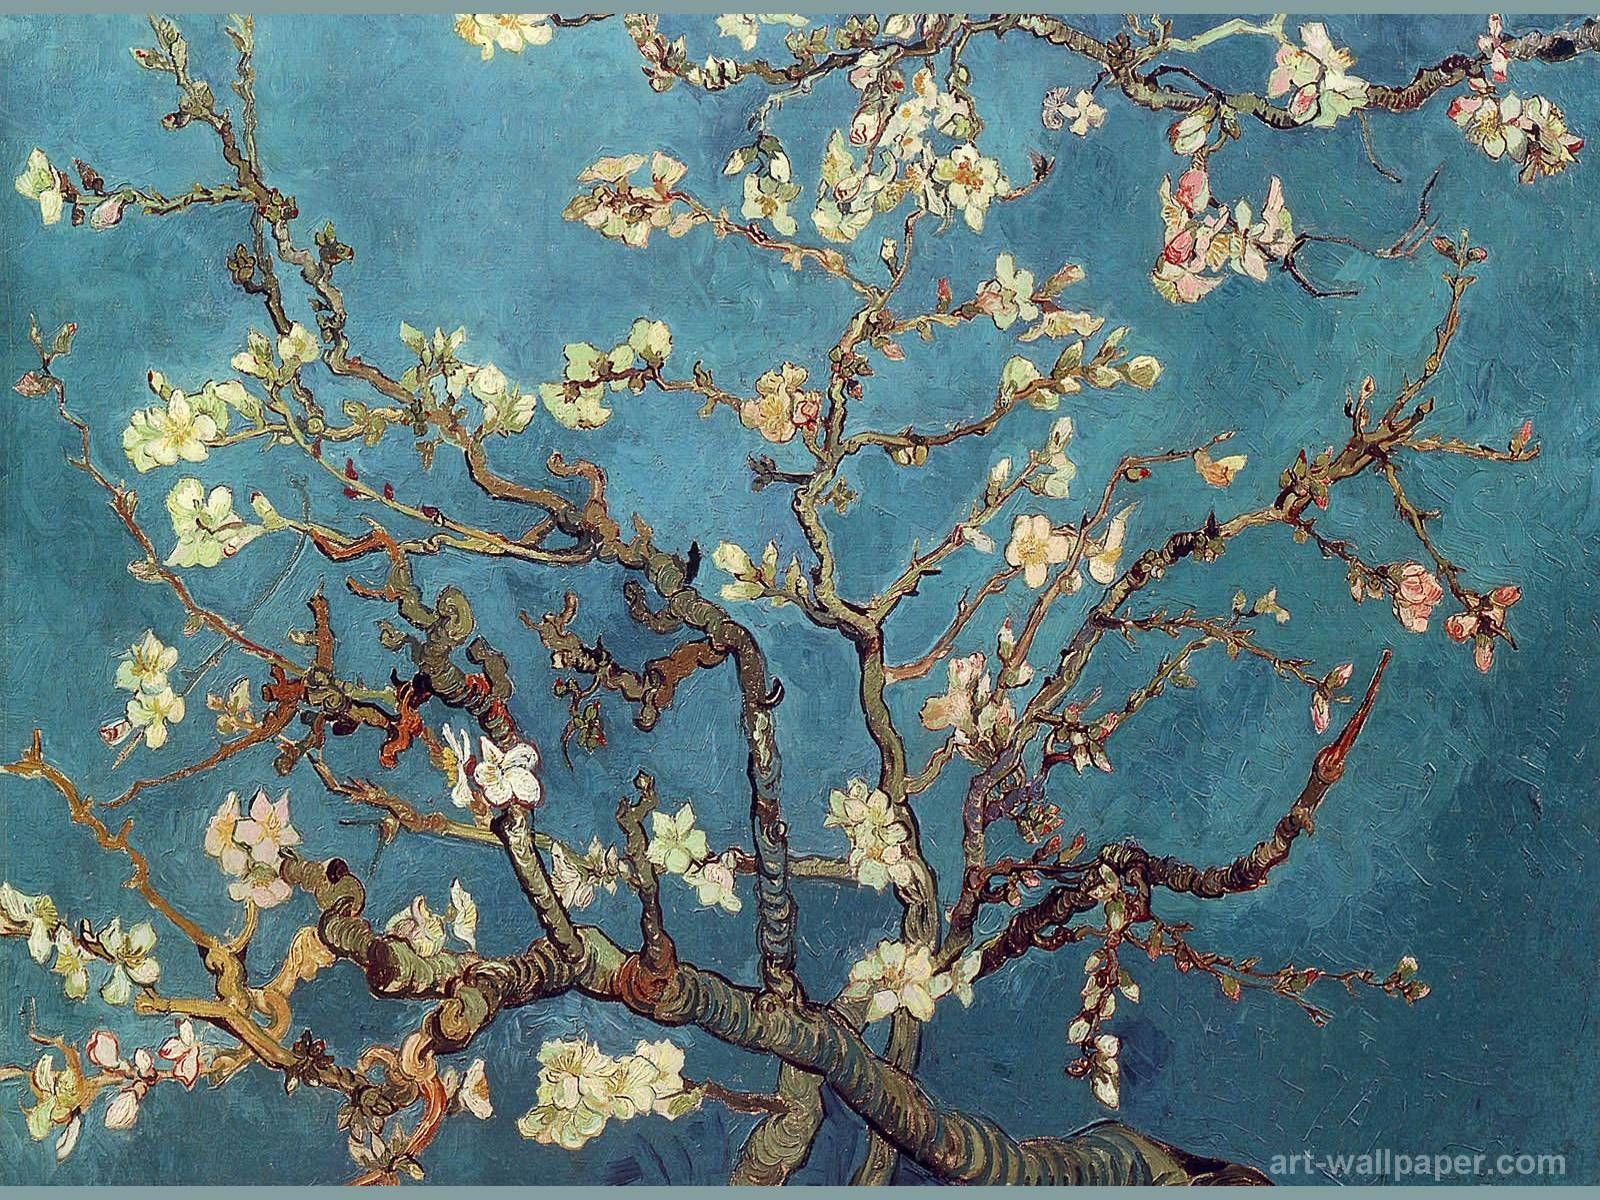 Vincent Van Gogh Wallpapers Art Van Gogh Almond Blossom Vincent Van Gogh